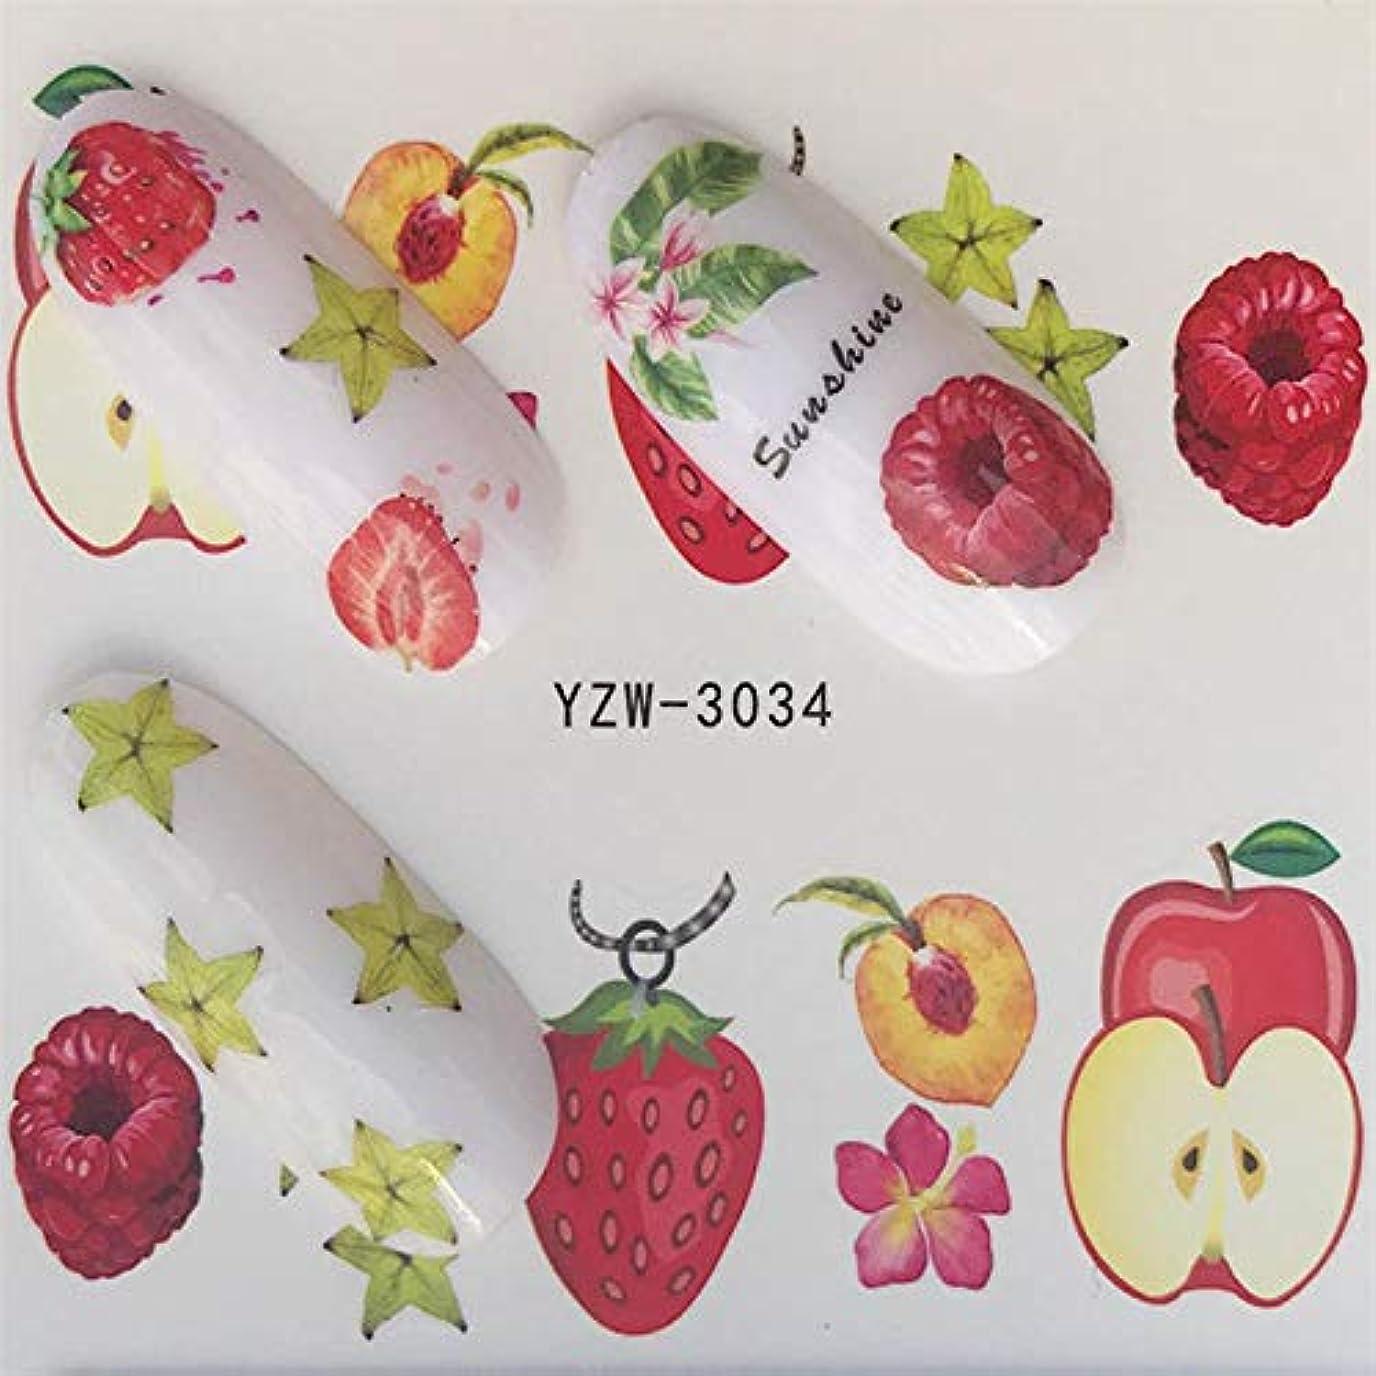 花束貸すマチュピチュSUKTI&XIAO ネイルステッカー 1ピース漫画フラミンゴ/花/果物水転写ステッカーネイルアートデカールラップヒントマニキュアツール、Yzw-3034